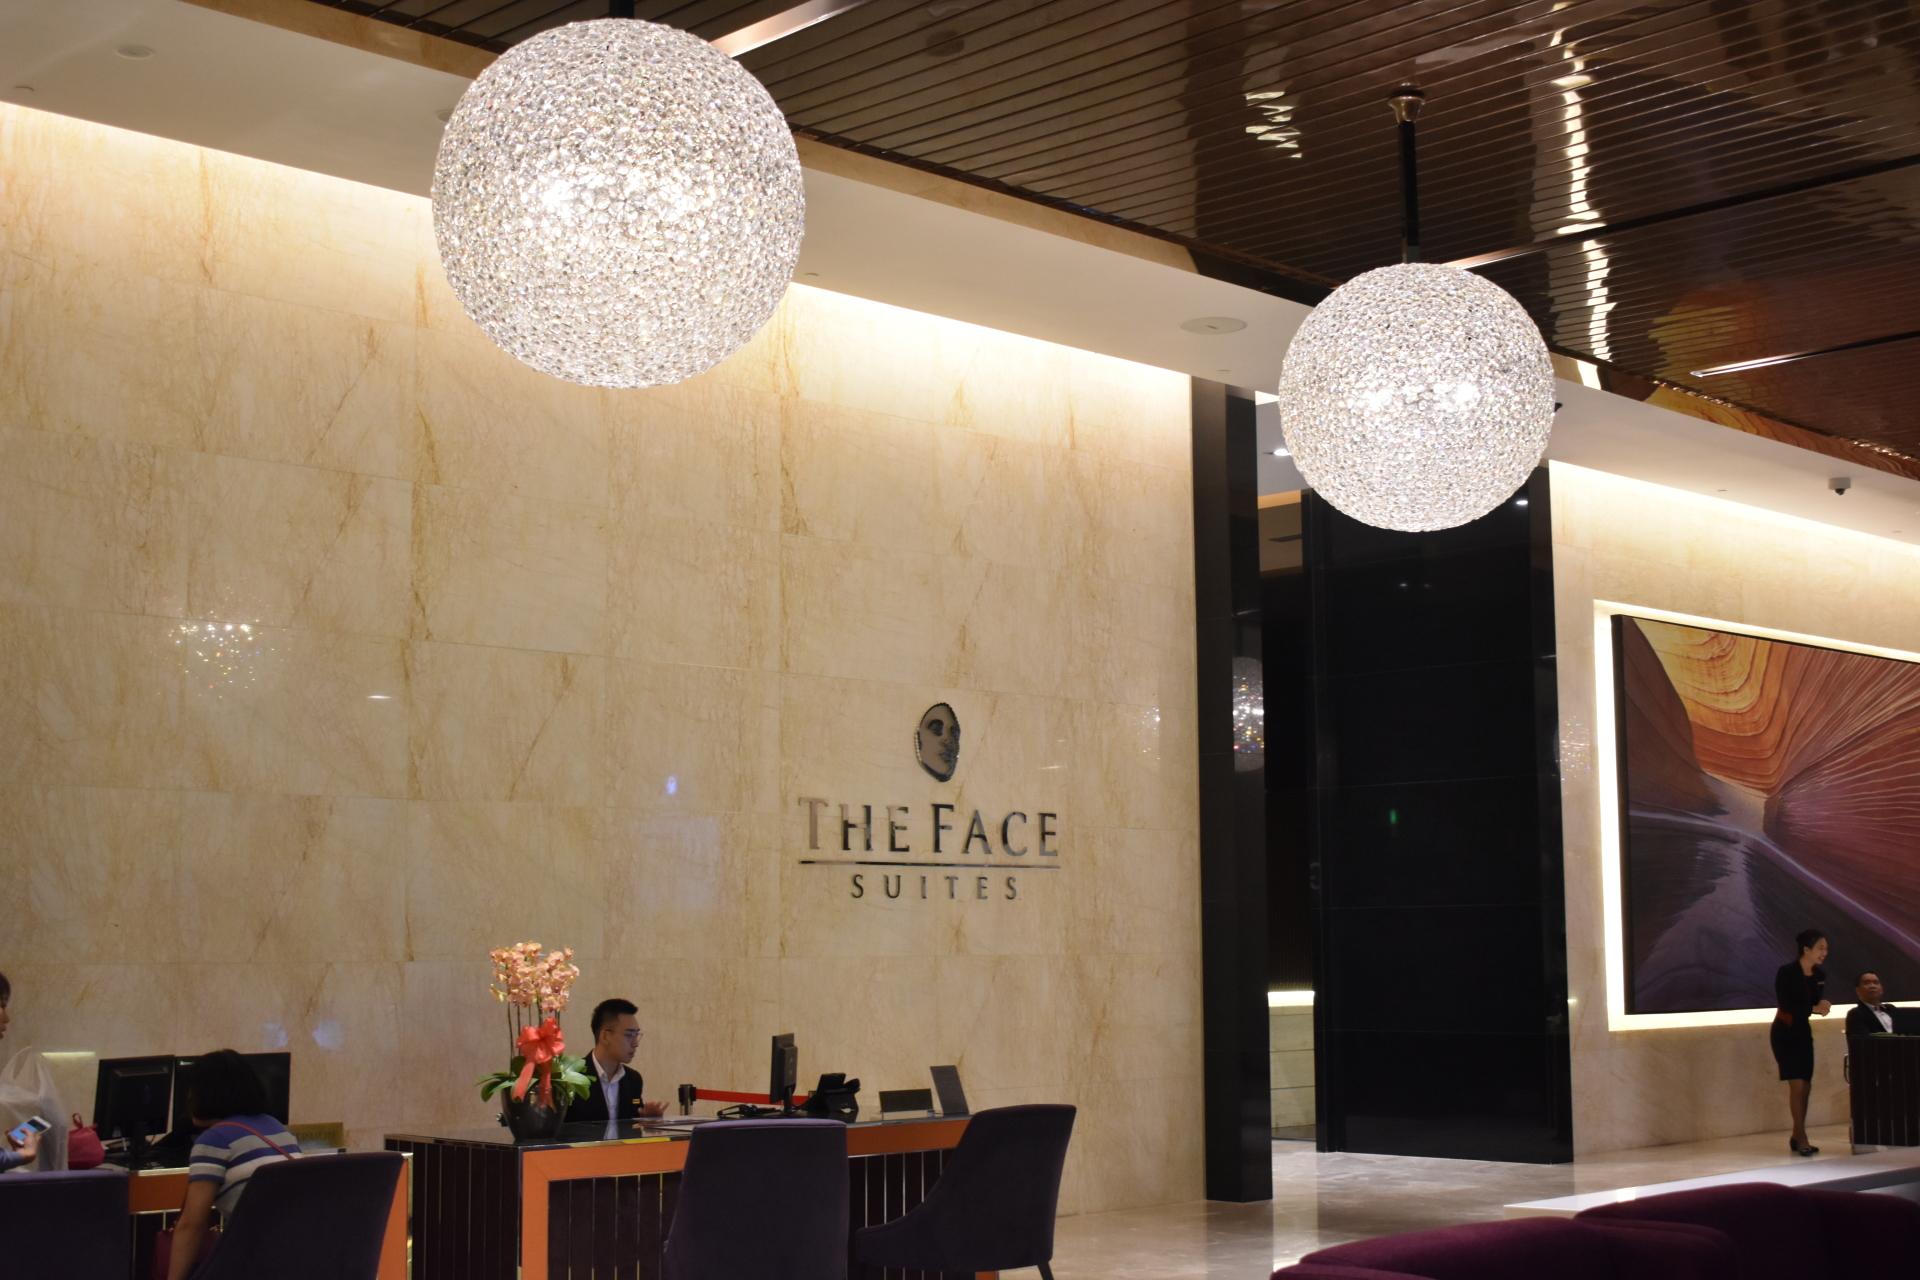 The Face Suites|Kuala Lumpur|Malaysia